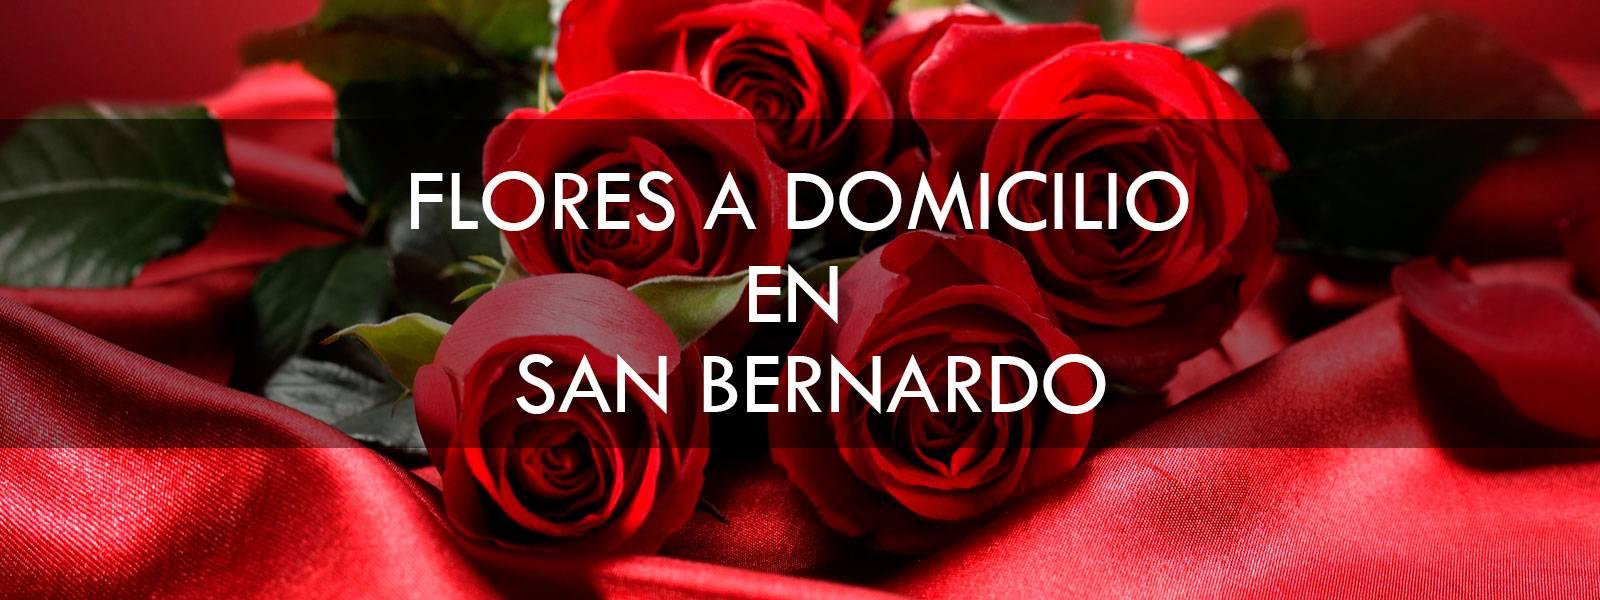 Flores a domicilio en San Bernardo